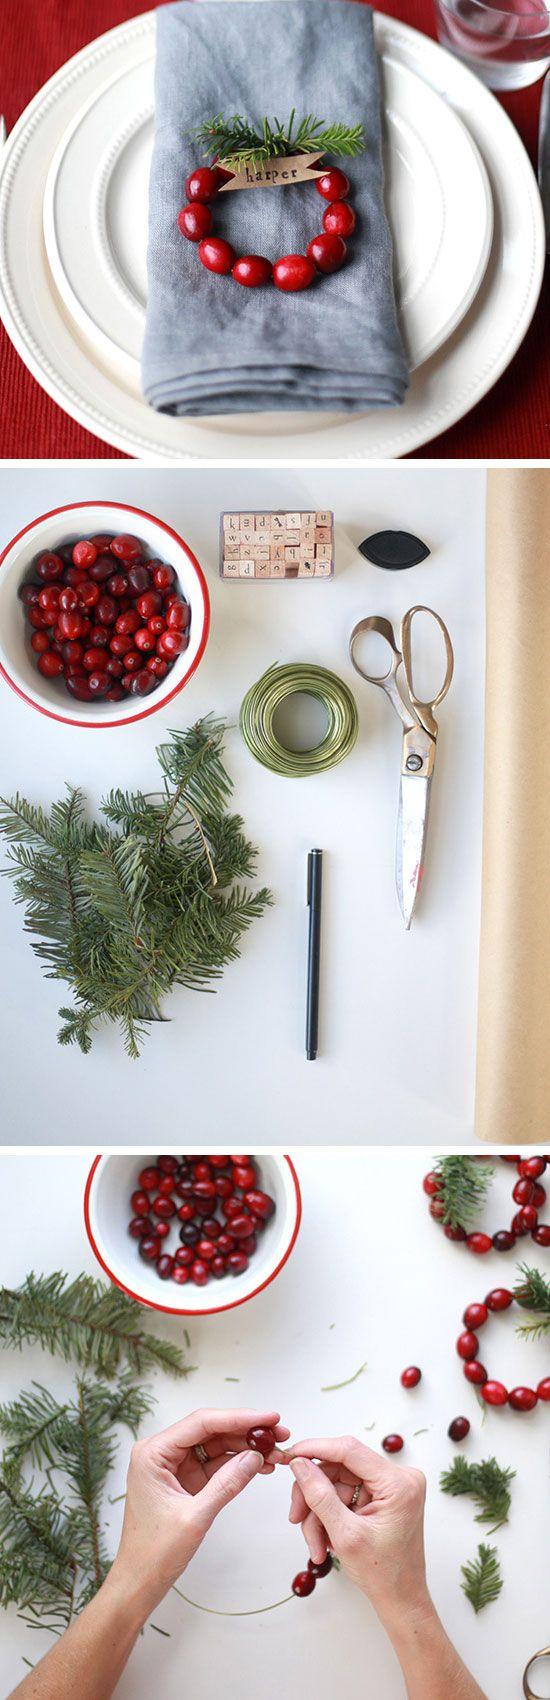 44+ Easy Christmas Table Decor Ideas | CHRISTMAS | Pinterest ...